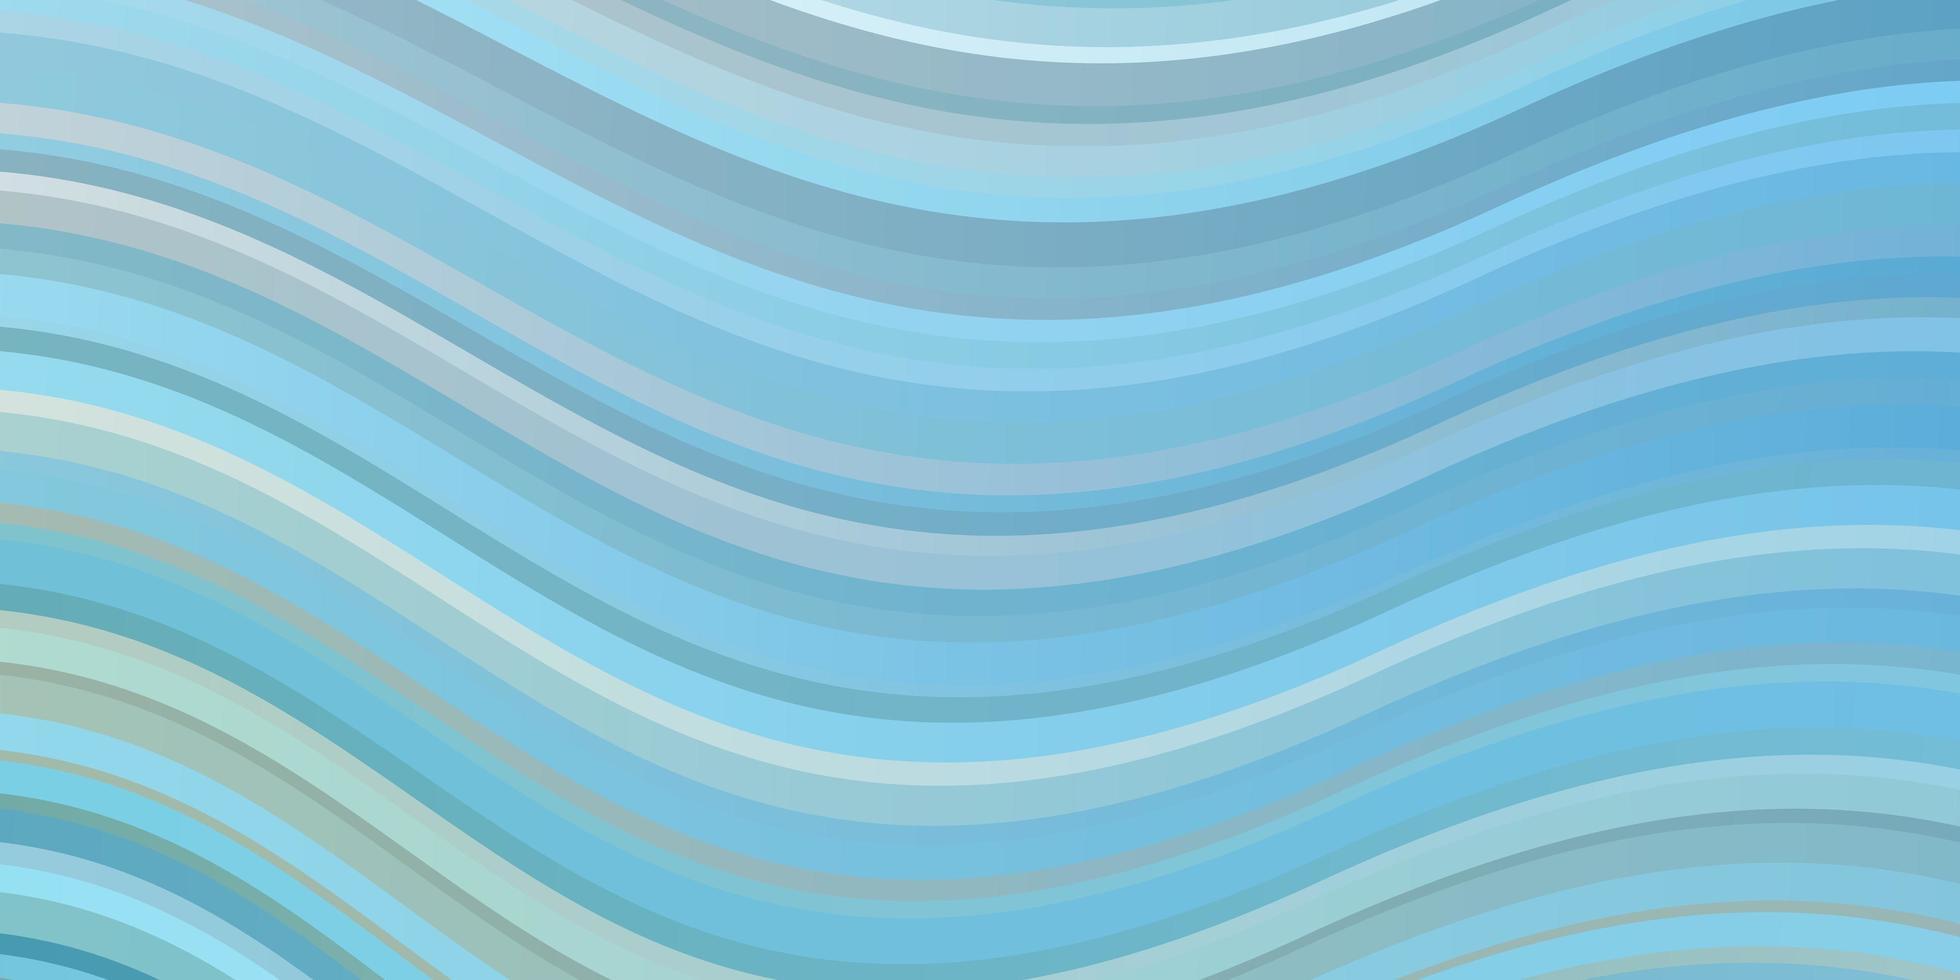 hellblaue, grüne Vektortextur mit schiefen Linien. vektor